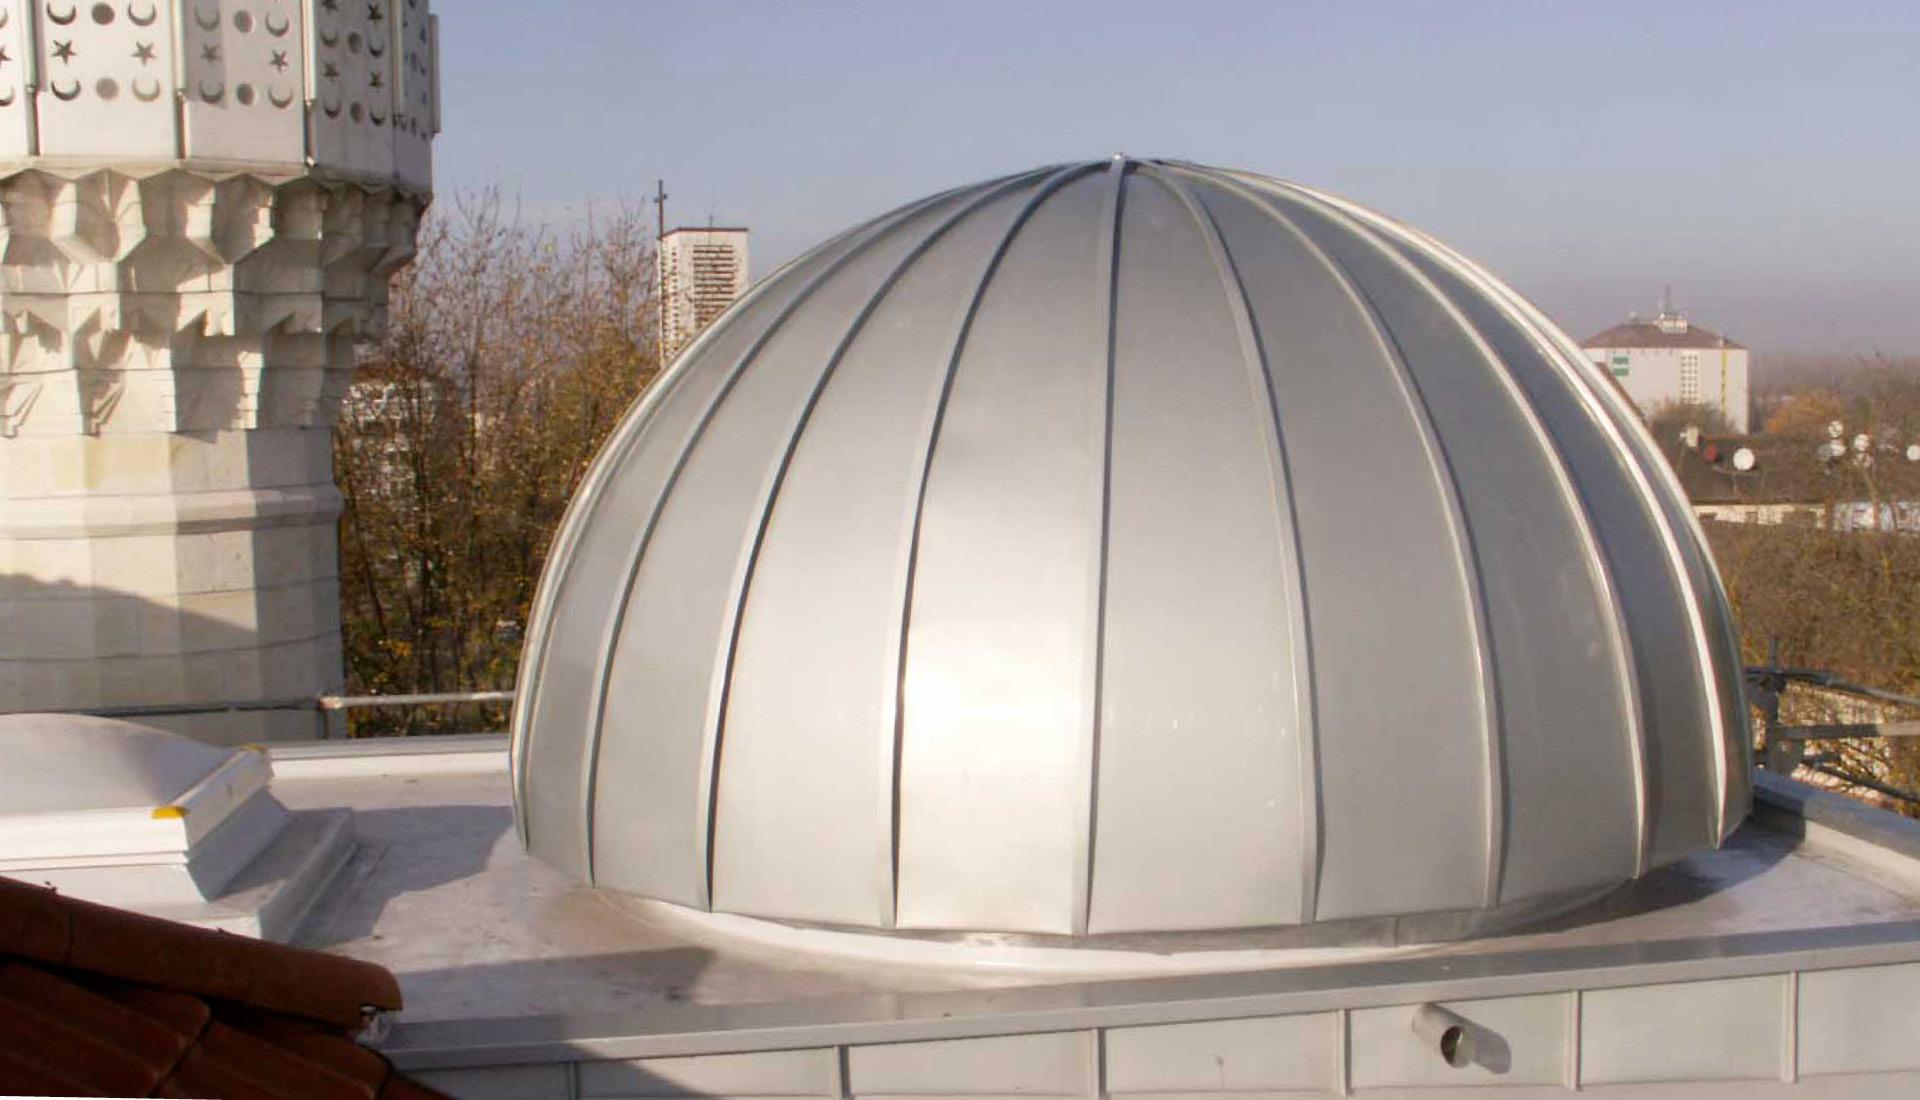 Ibrahim Murat | Meisterbetrieb für Dachdecker-, Zimmerer- und Spenglerarbeiten. Höchste Qualität und zuverlässige Arbeit aus einer Hand – zu fairen Preisen